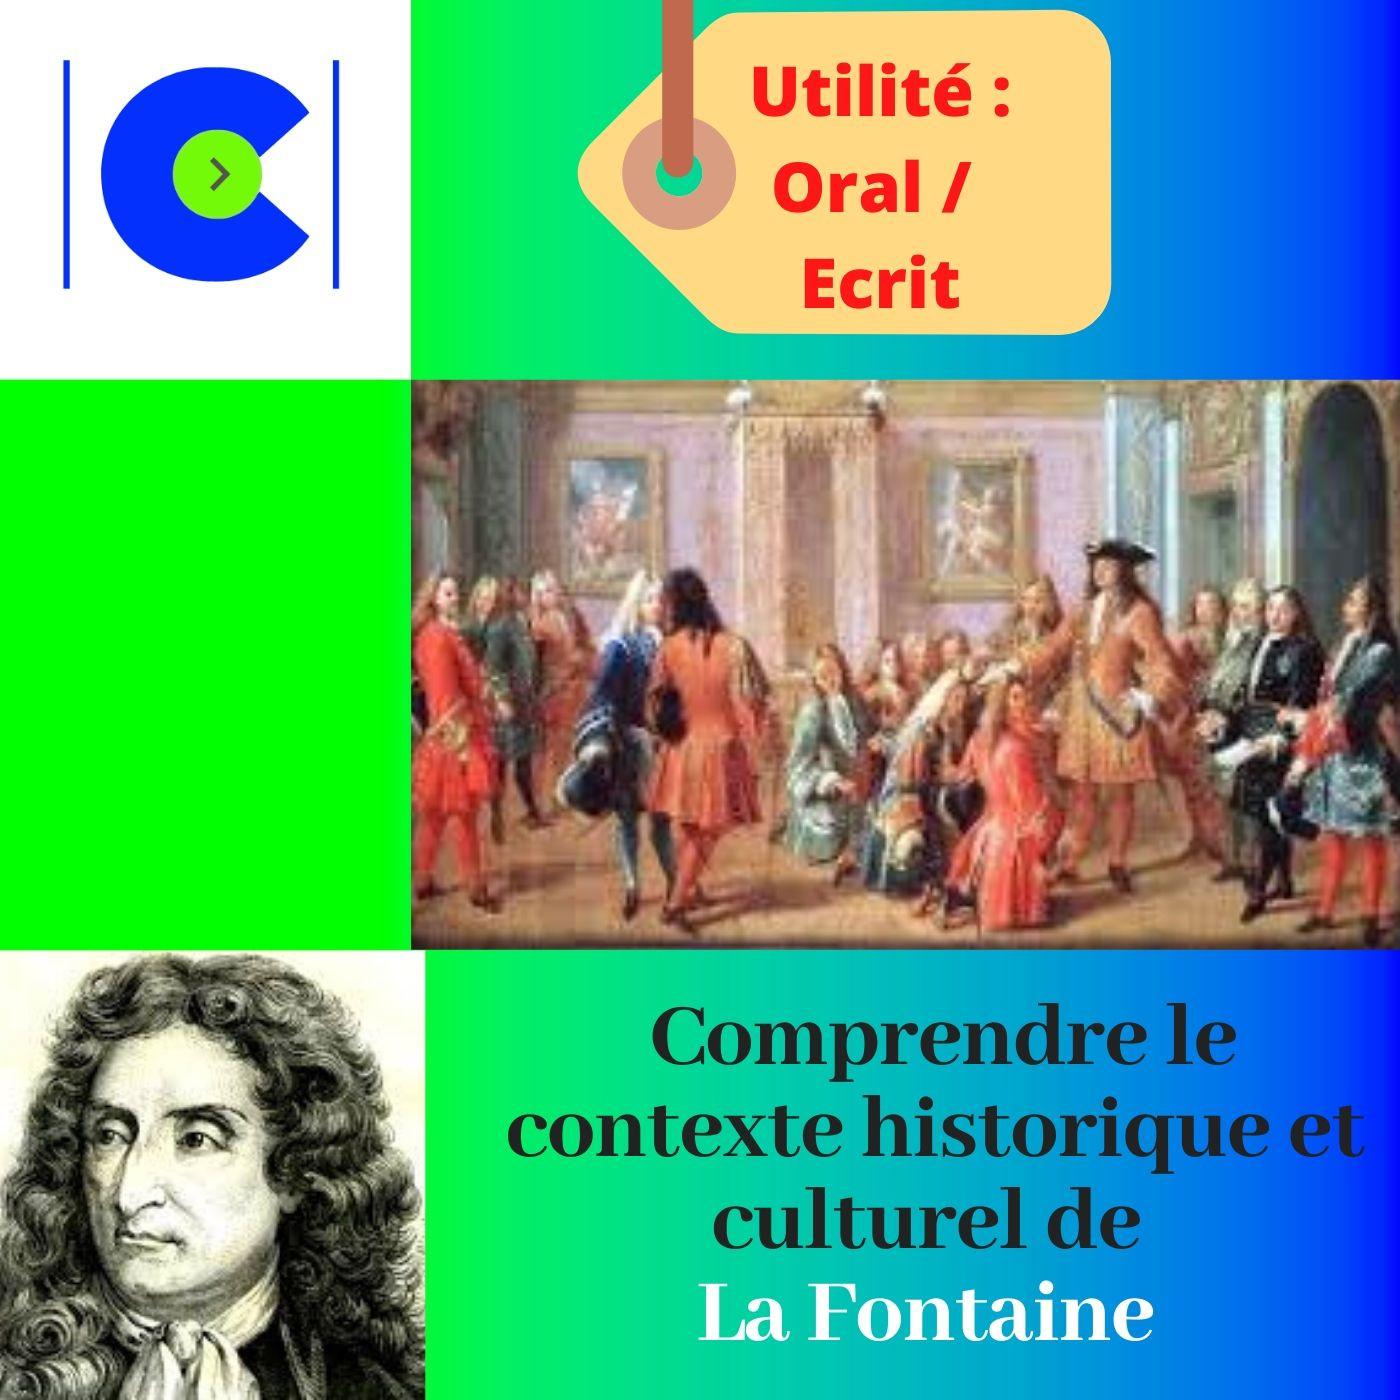 Comprendre le contexte historique et culturel de LA FONTAINE.